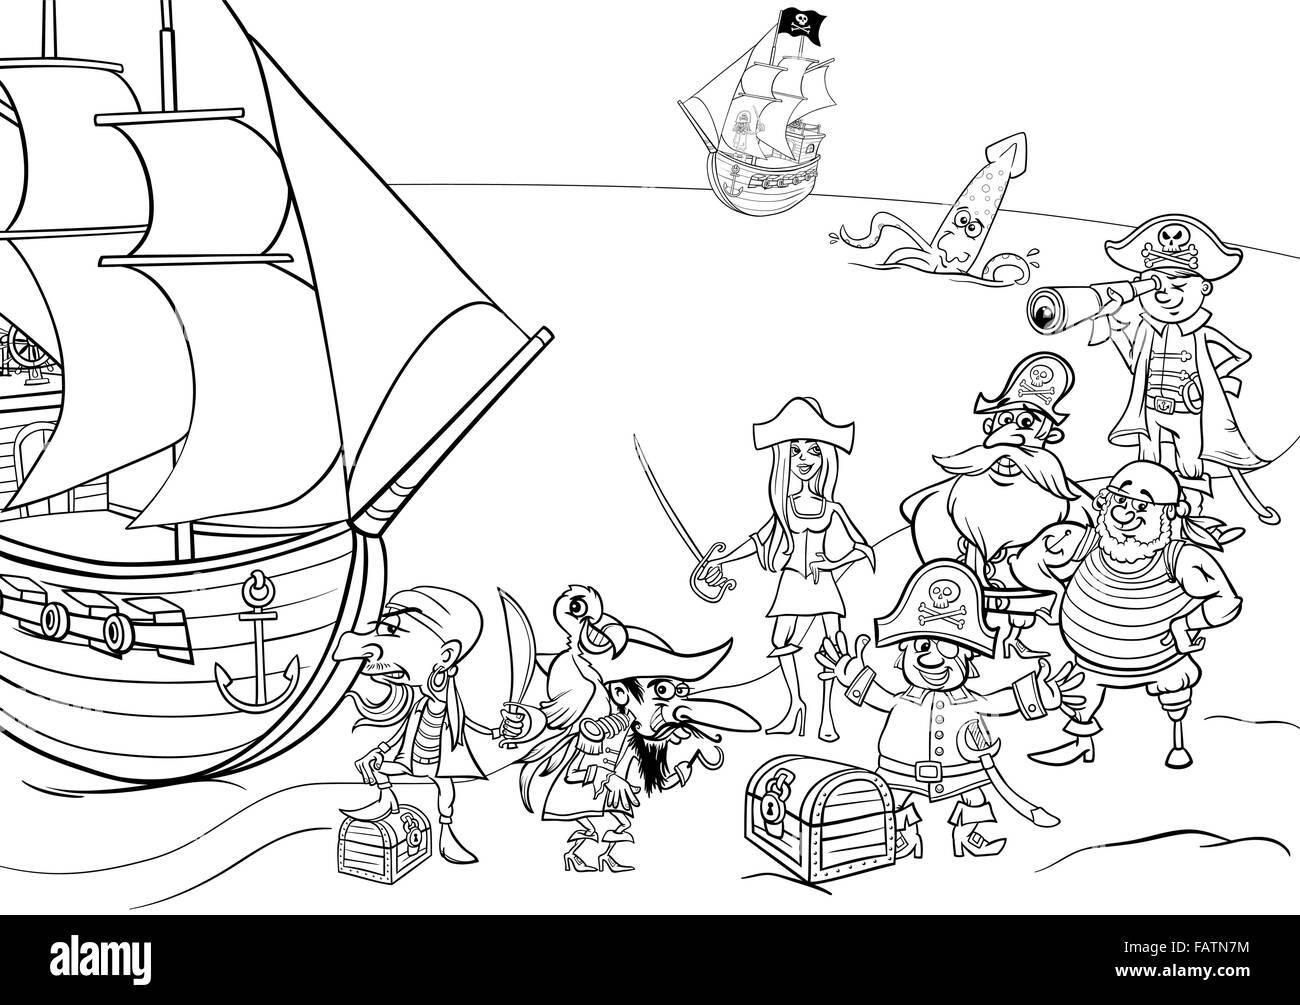 Dessin Anime En Noir Et Blanc Illustrations De Fantasy Personnages